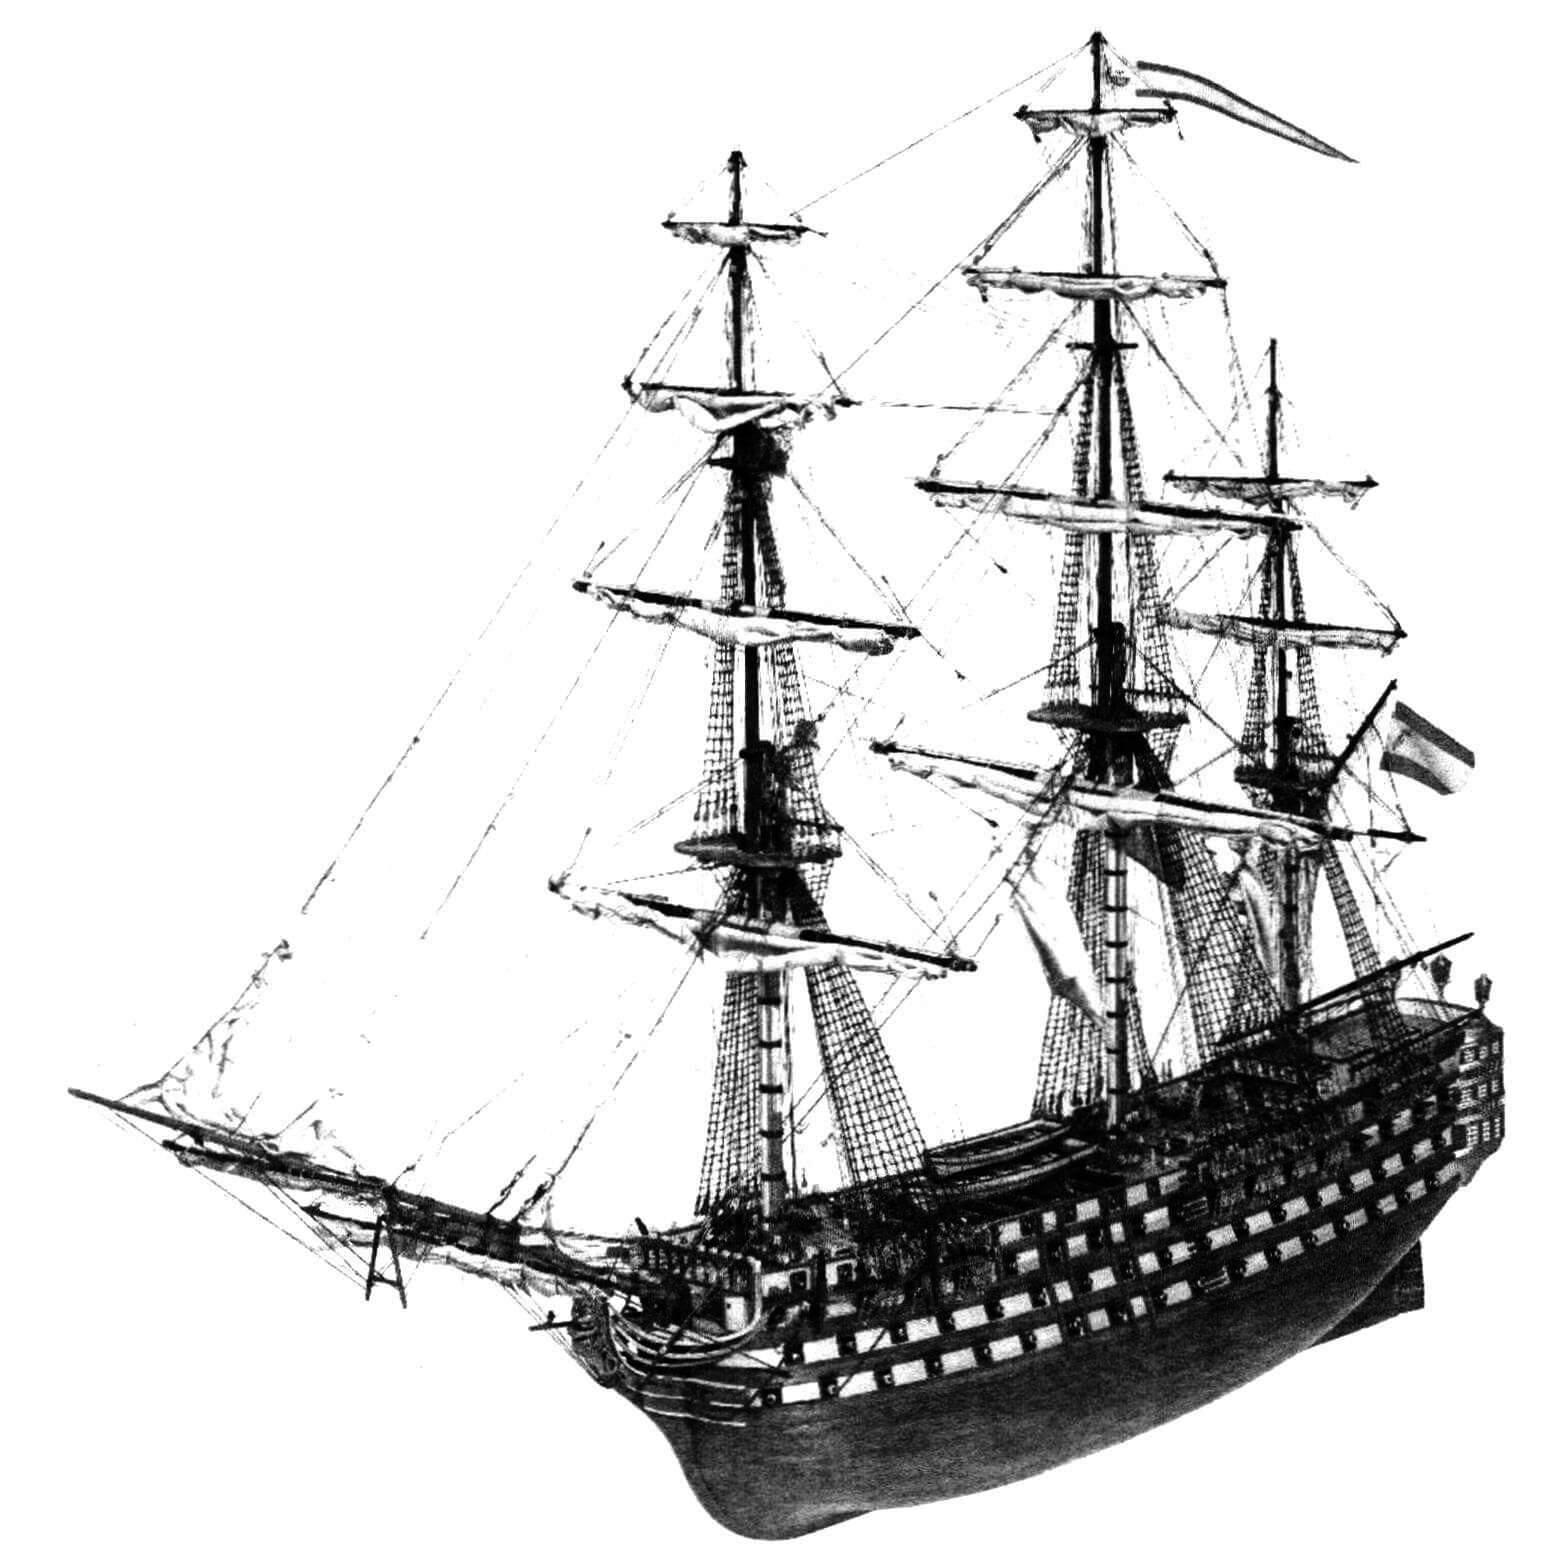 Модель испанского корабля «Сантисима Тринидад» единственного реально построенного четырехдечного линкора